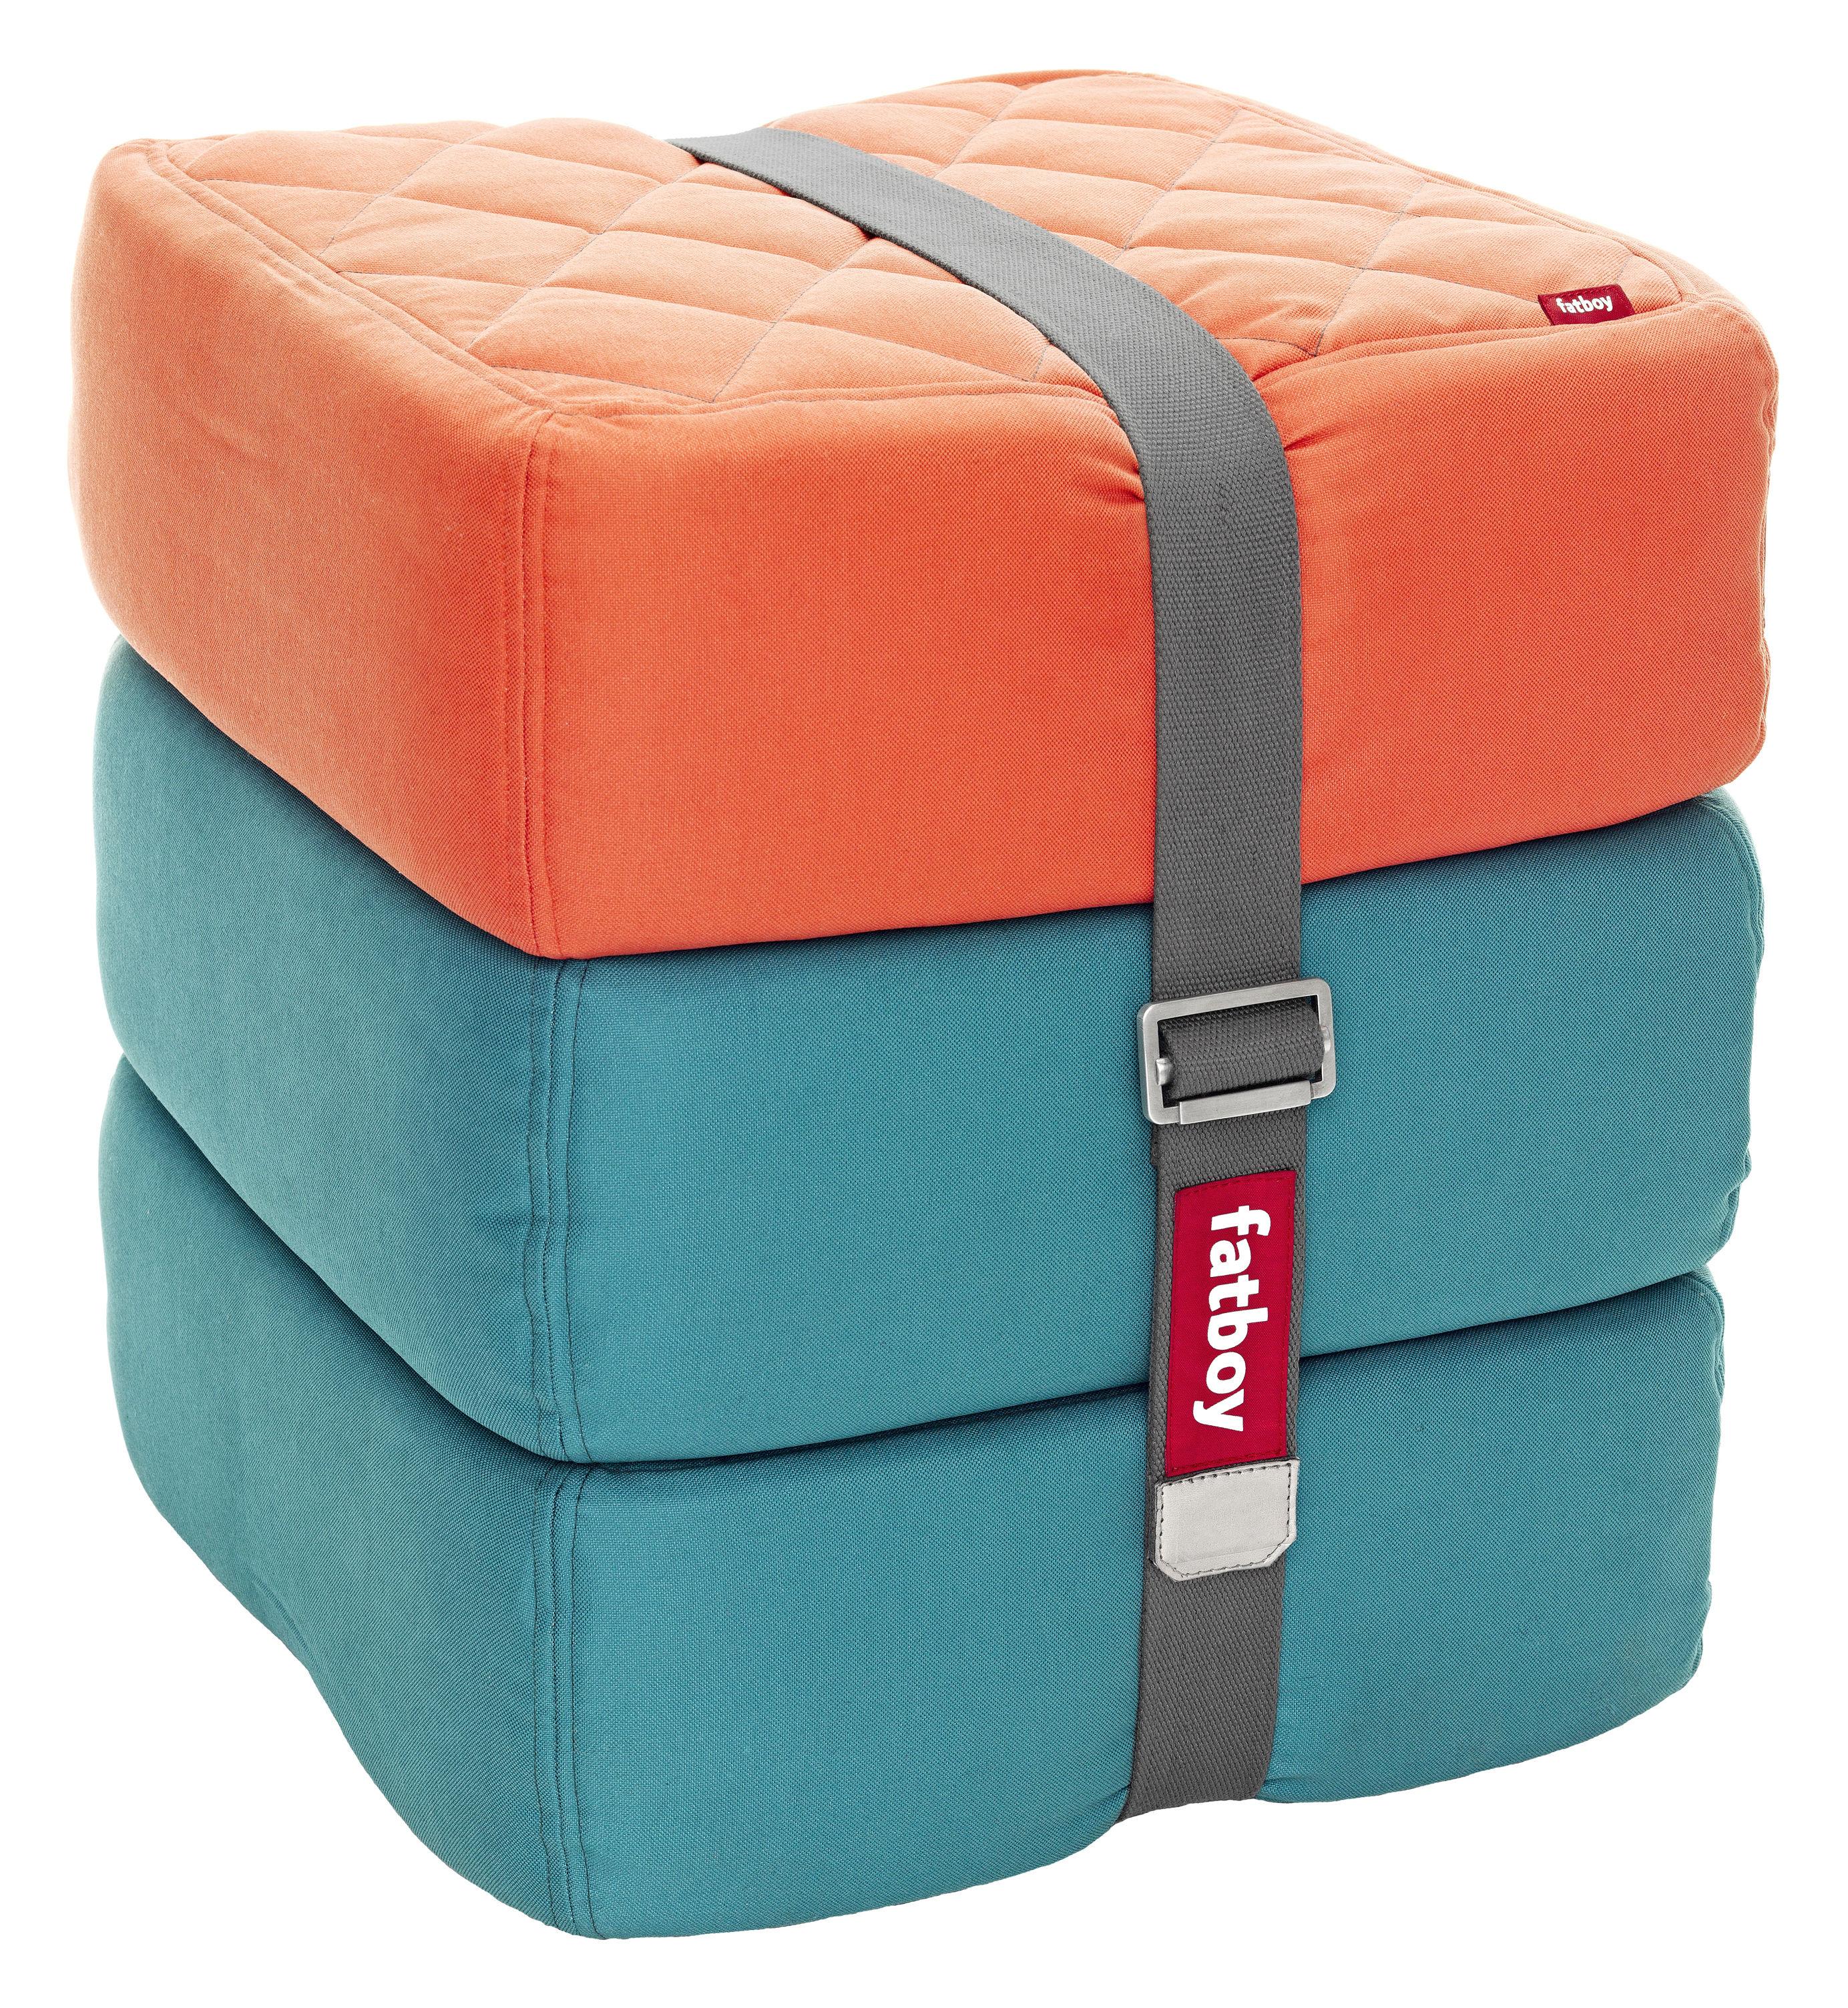 baboesjka pouf set 3 floor cushions orange blue by fatboy. Black Bedroom Furniture Sets. Home Design Ideas